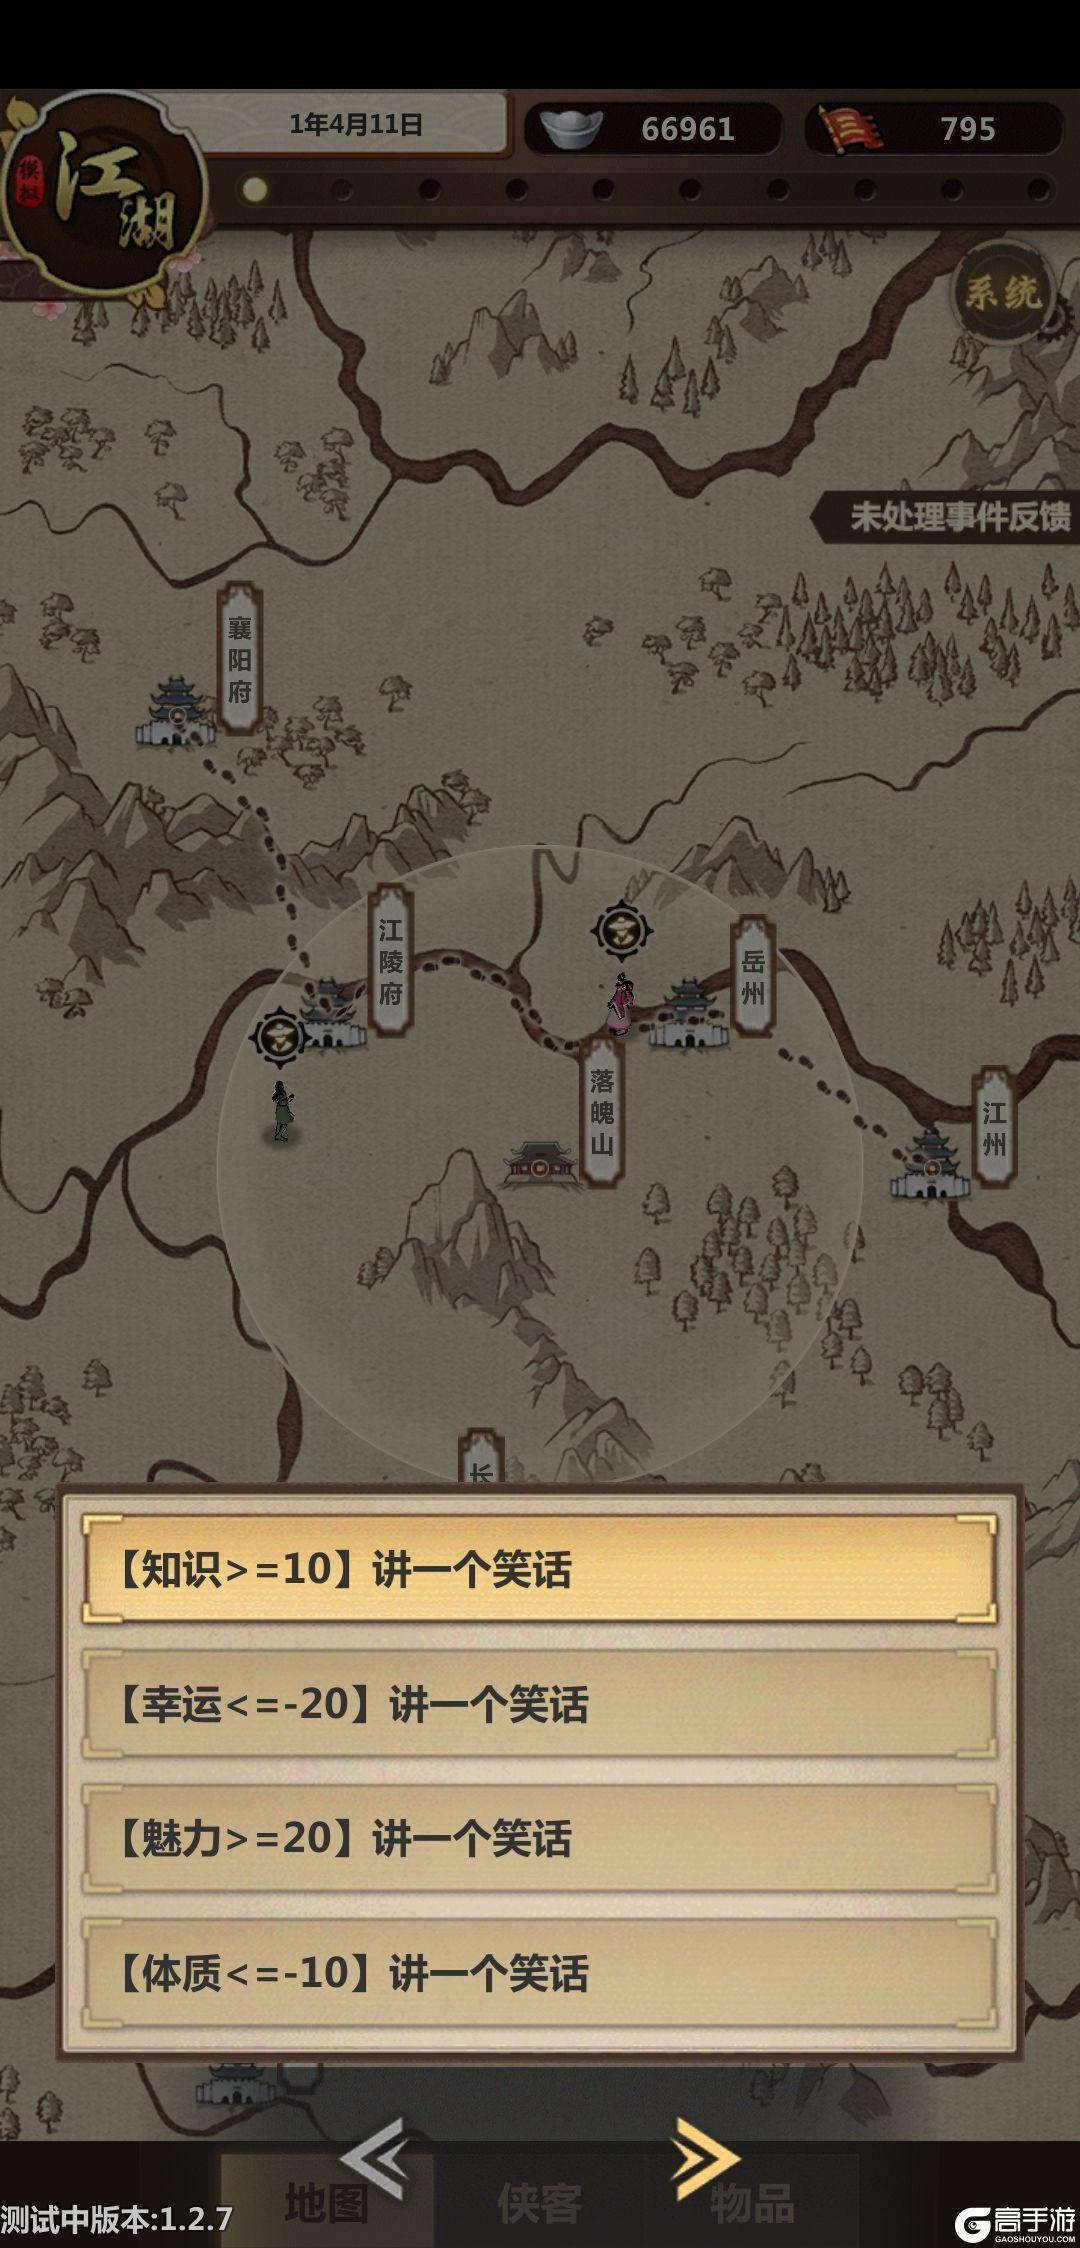 模擬江湖紅線怎么招募 模擬江湖紅線招募攻略